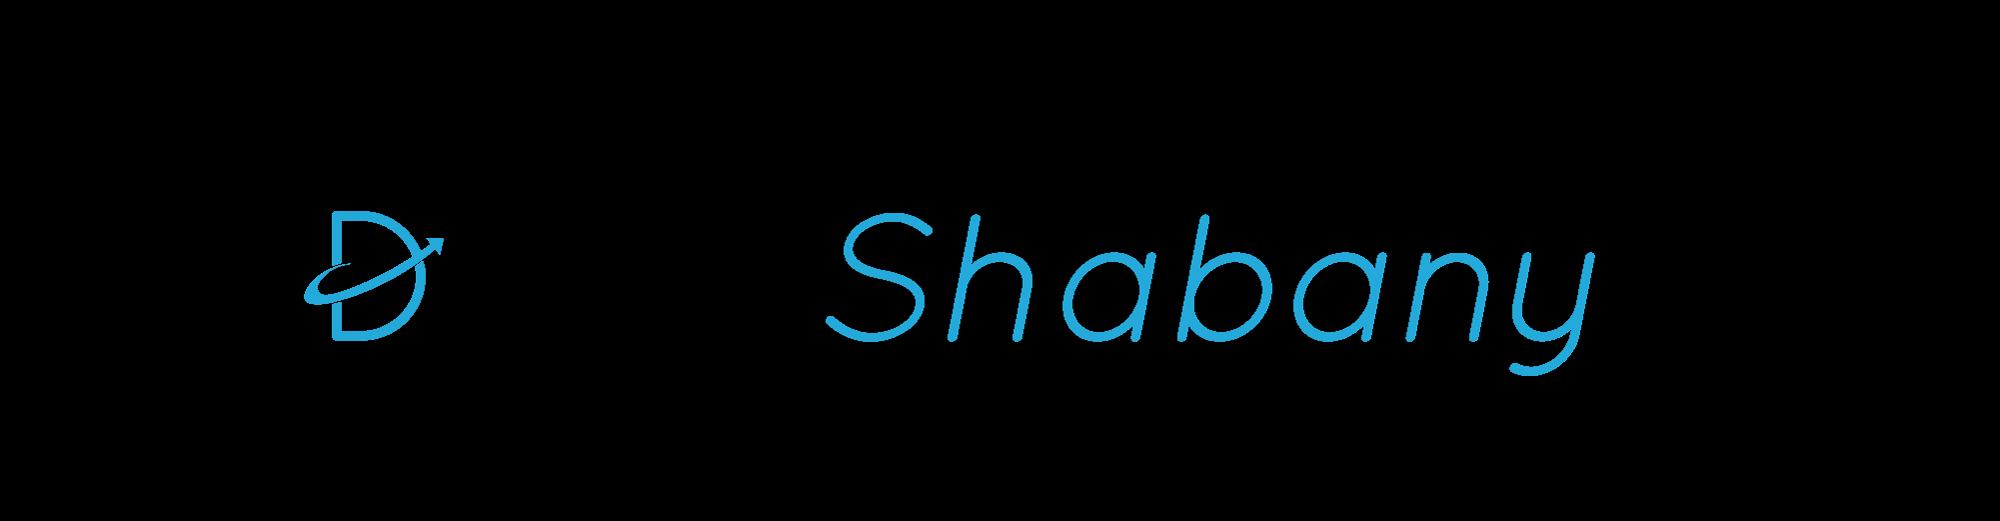 shabany.de